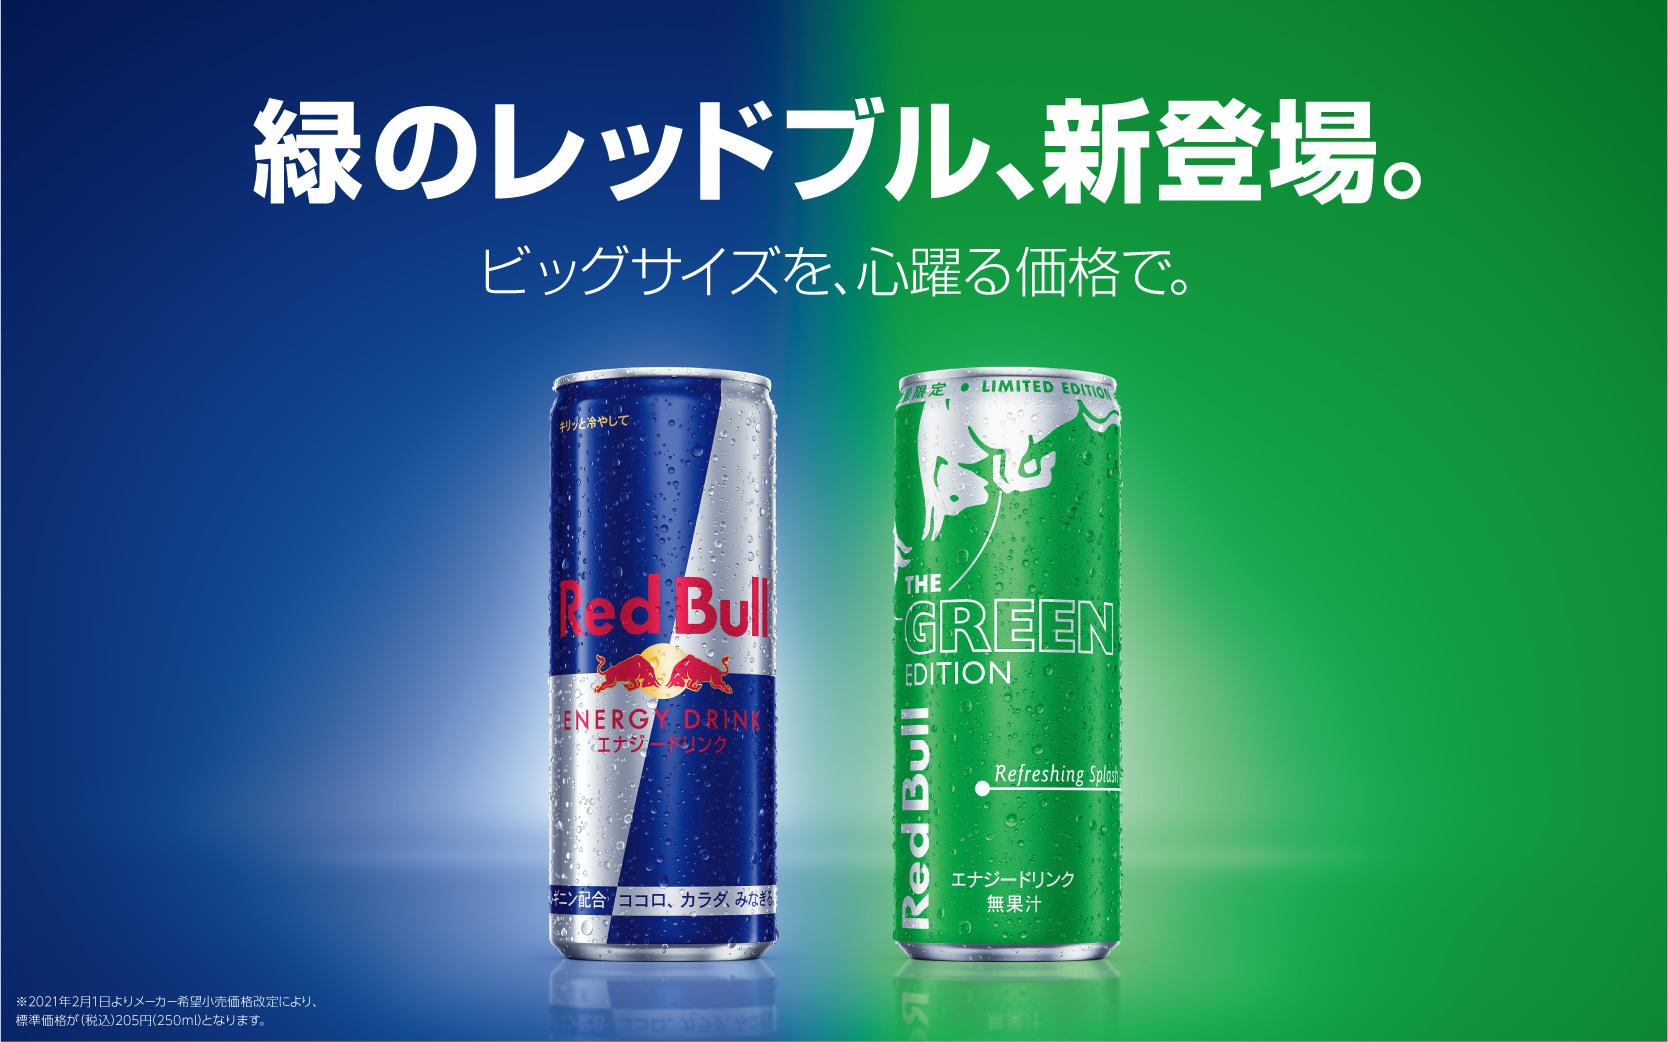 Red Bull グリーンエディション